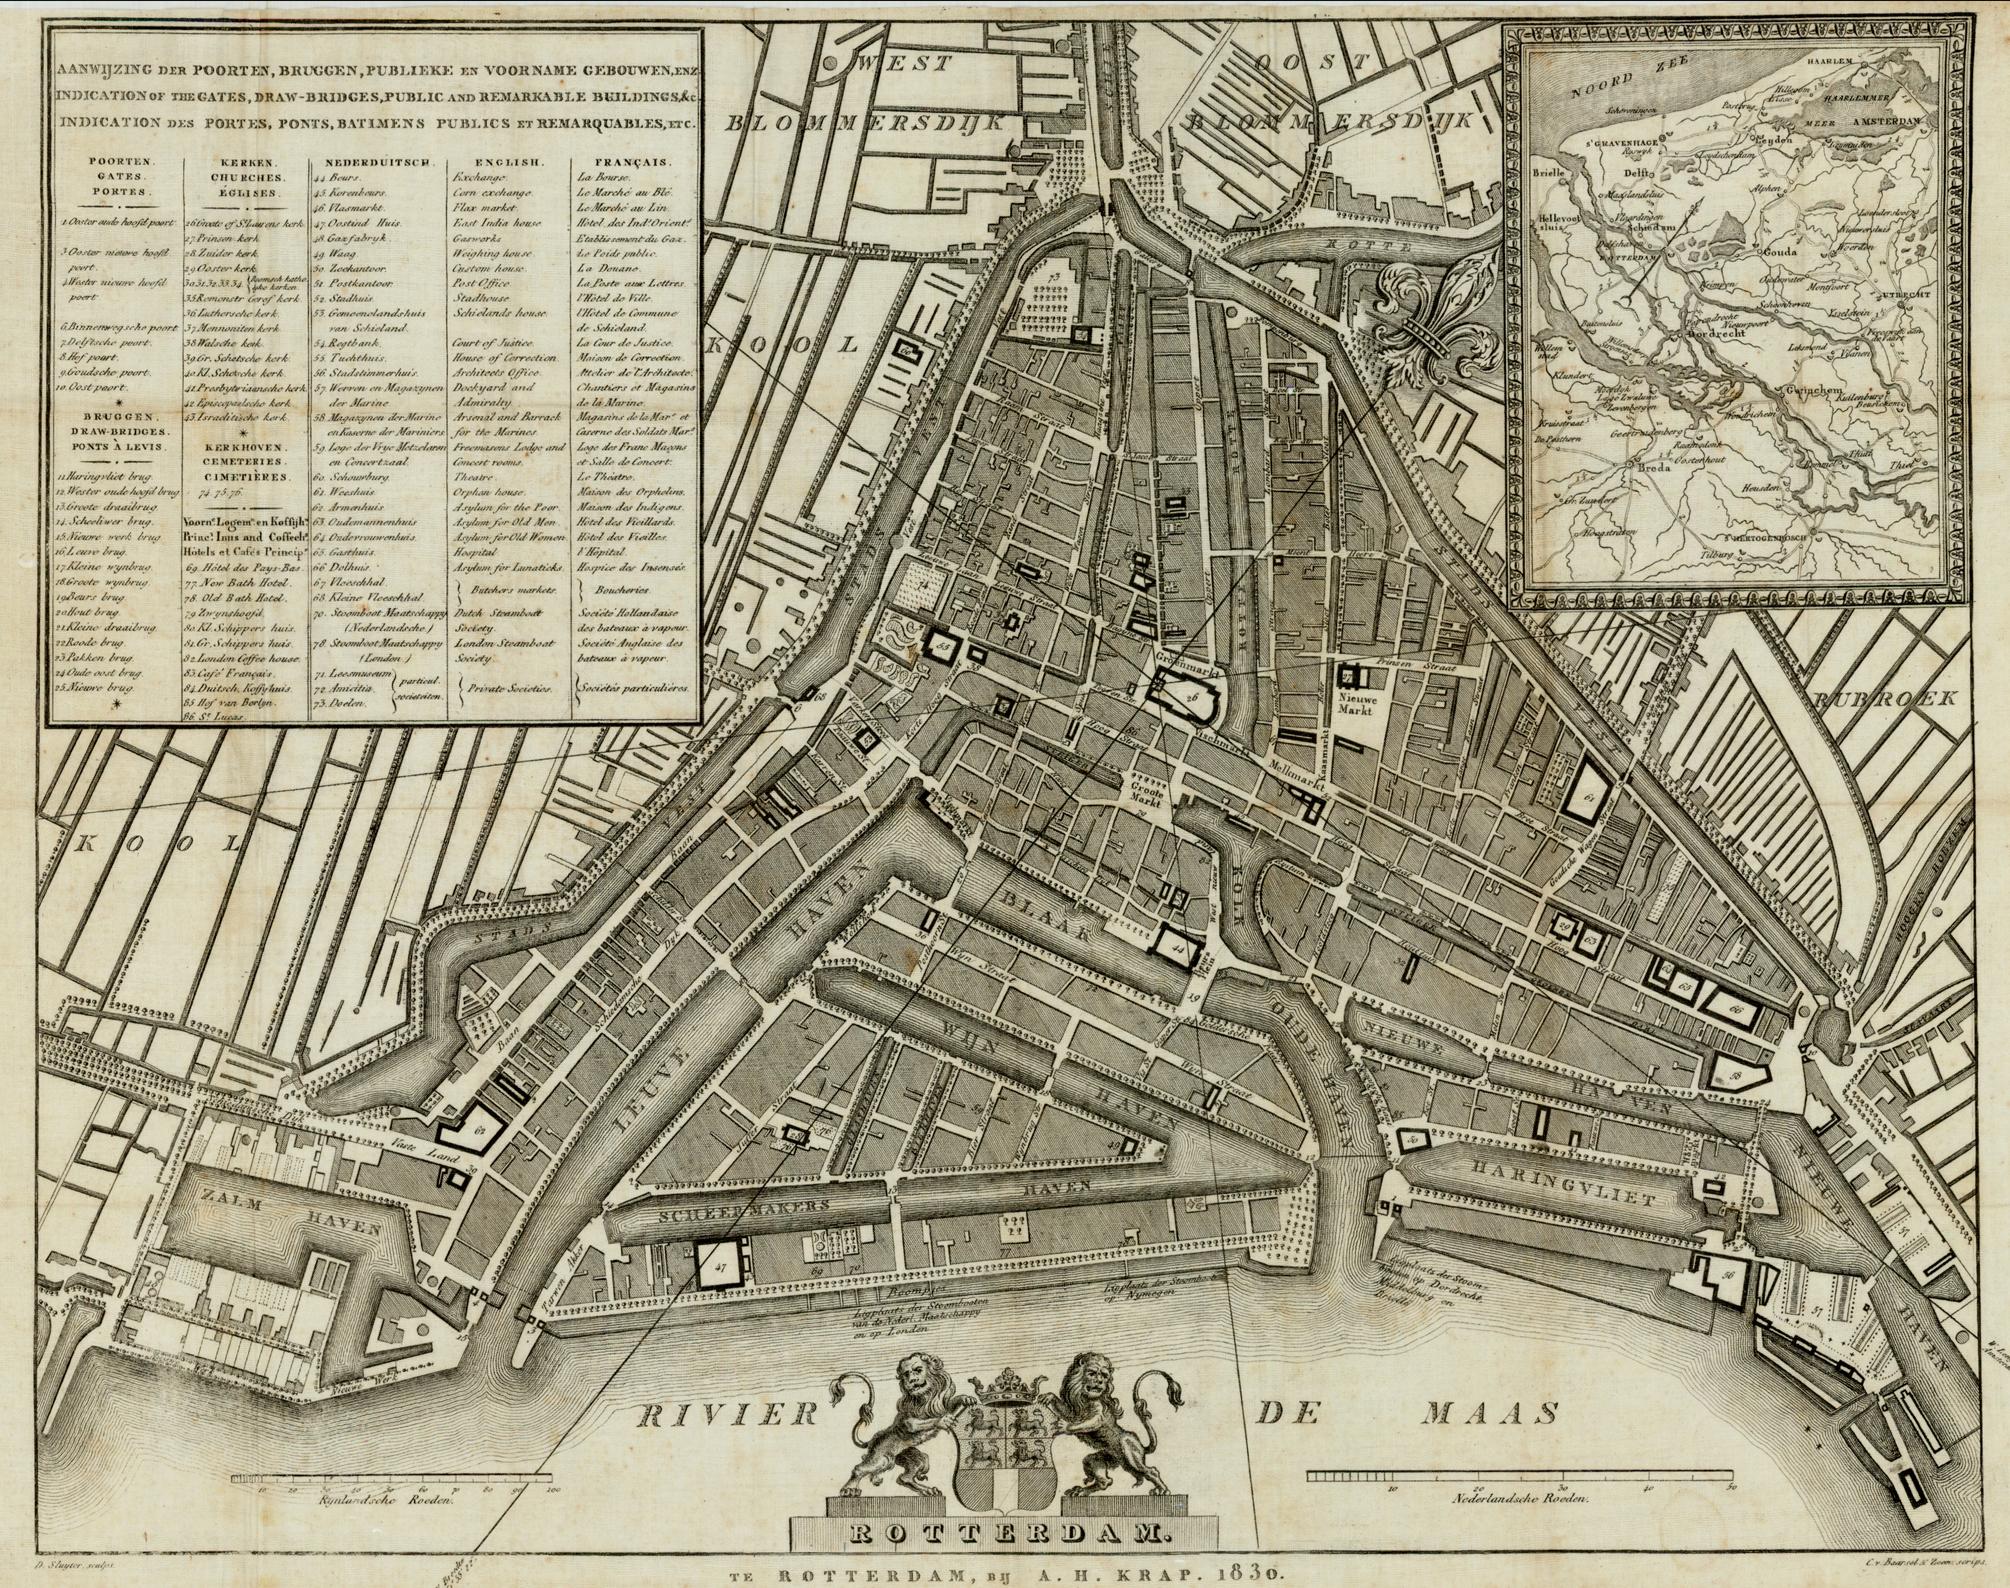 Rotterdam kaart A.H. Krap 1830